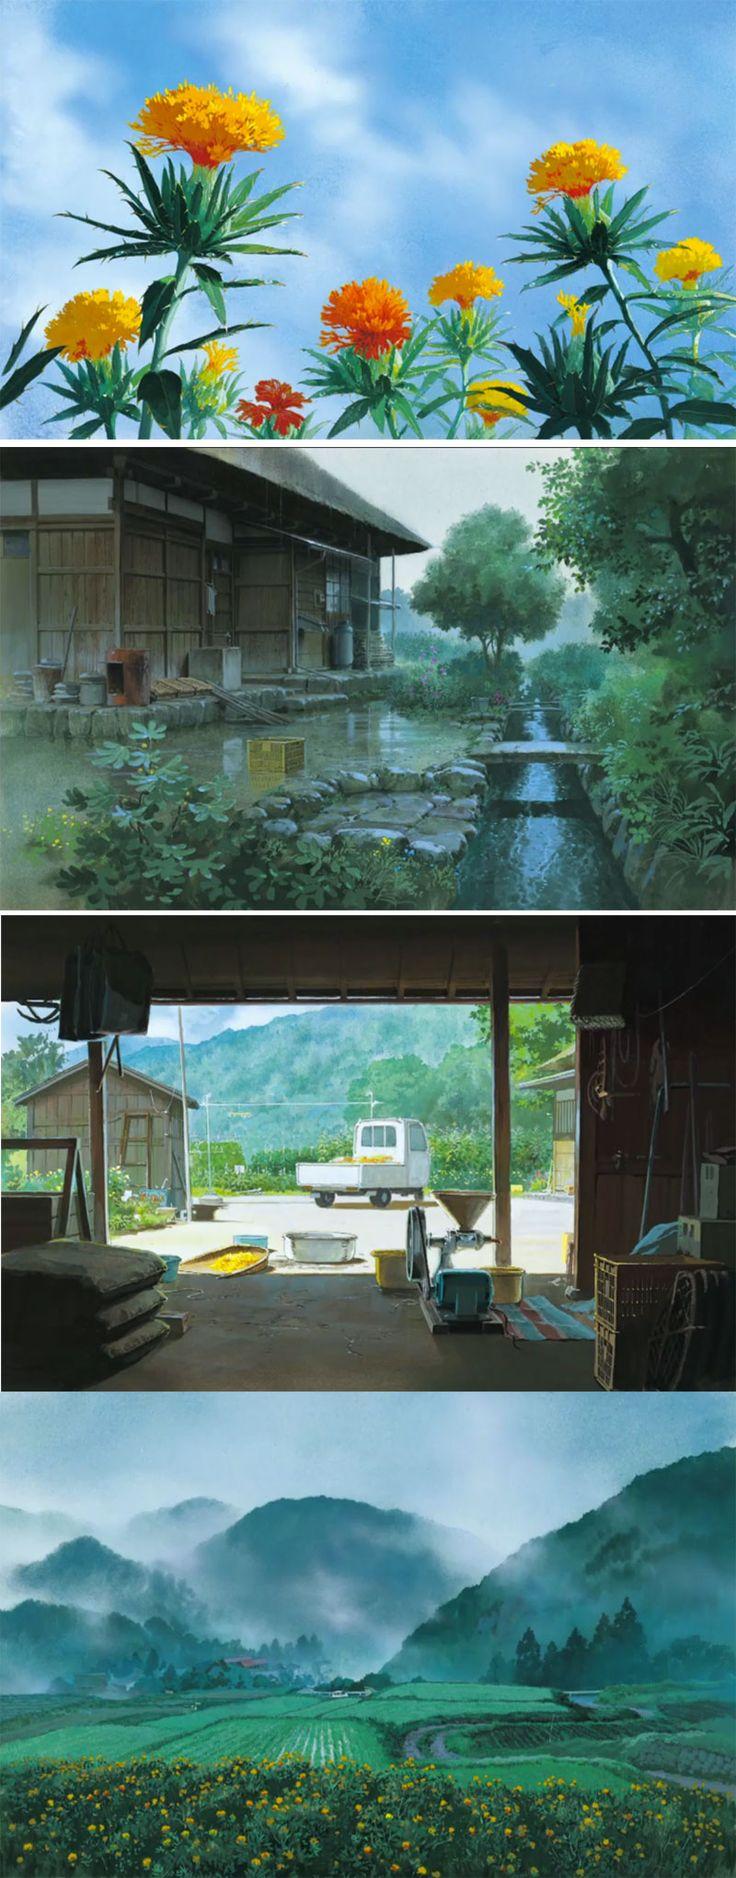 Studio Ghibli Art | Muitas imagens de tirar o fôlego, hein! Mas reserve mais um tempo ...